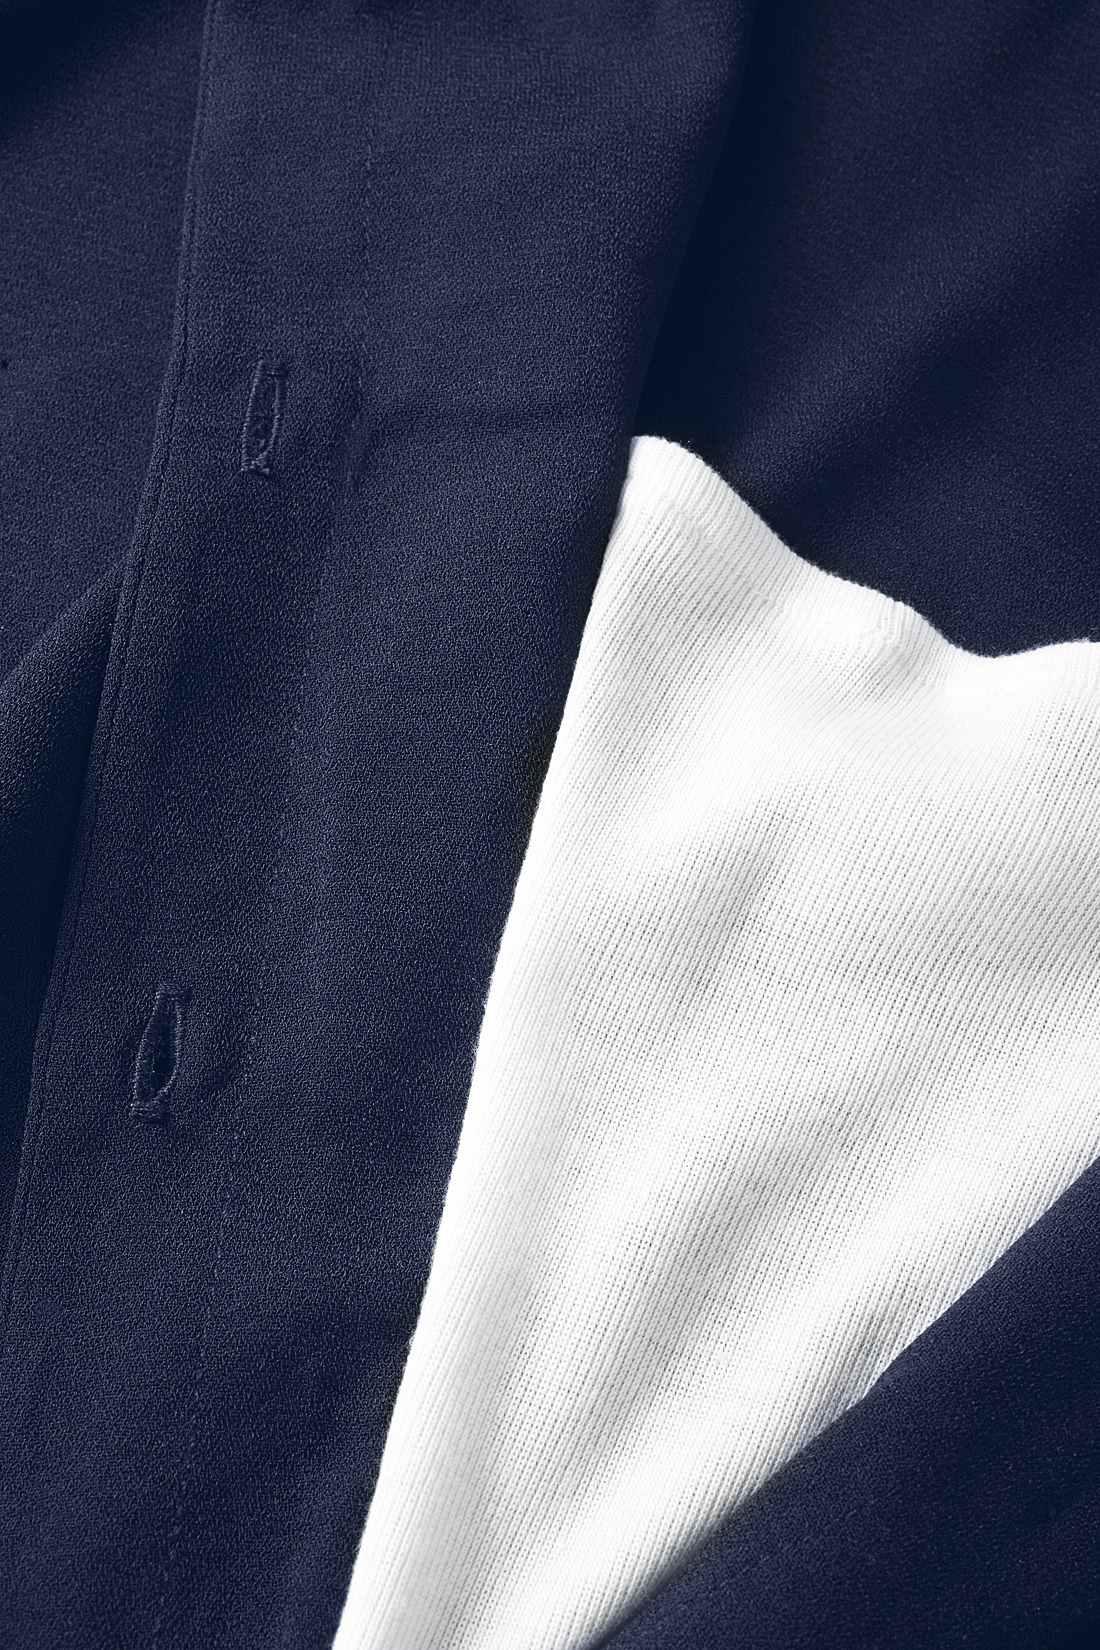 タンクトップとシャツを重ね着しているかのようなドッキングデザイン。胸当ての衿ぐりはゴム入りで、体にフィットして胸チラも気になりにくい仕様。※お届けするカラーとは異なります。